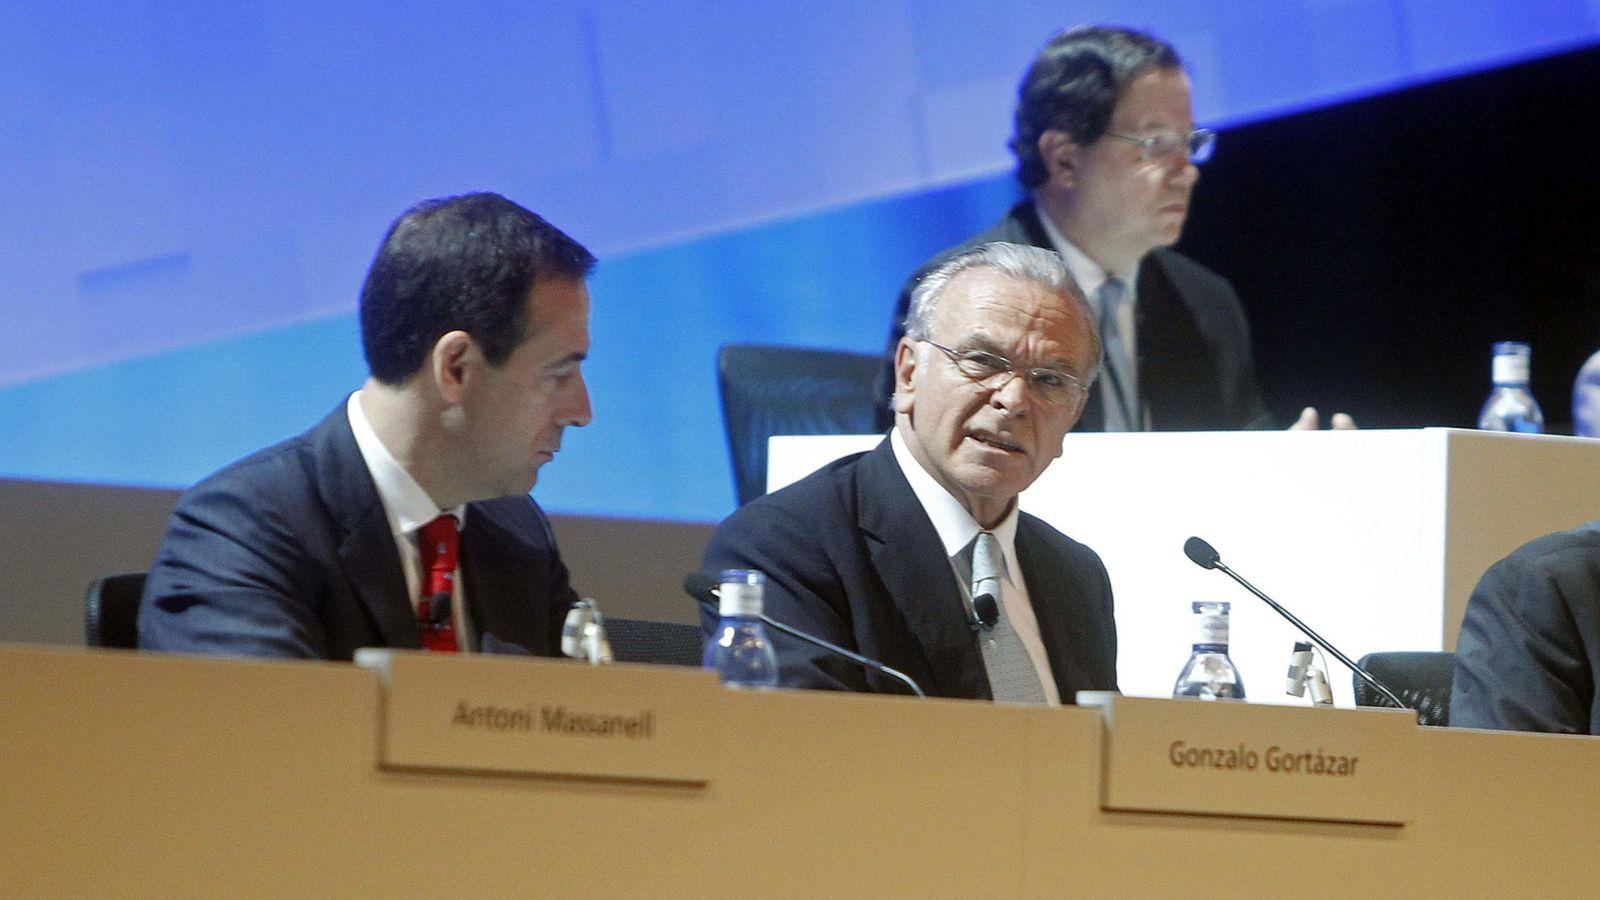 Foto: El presidente de CaixaBank, Isidre Fainé (d), y el consejero delegado de CaixaBank, Gonzalo Gortázar. (EFE)